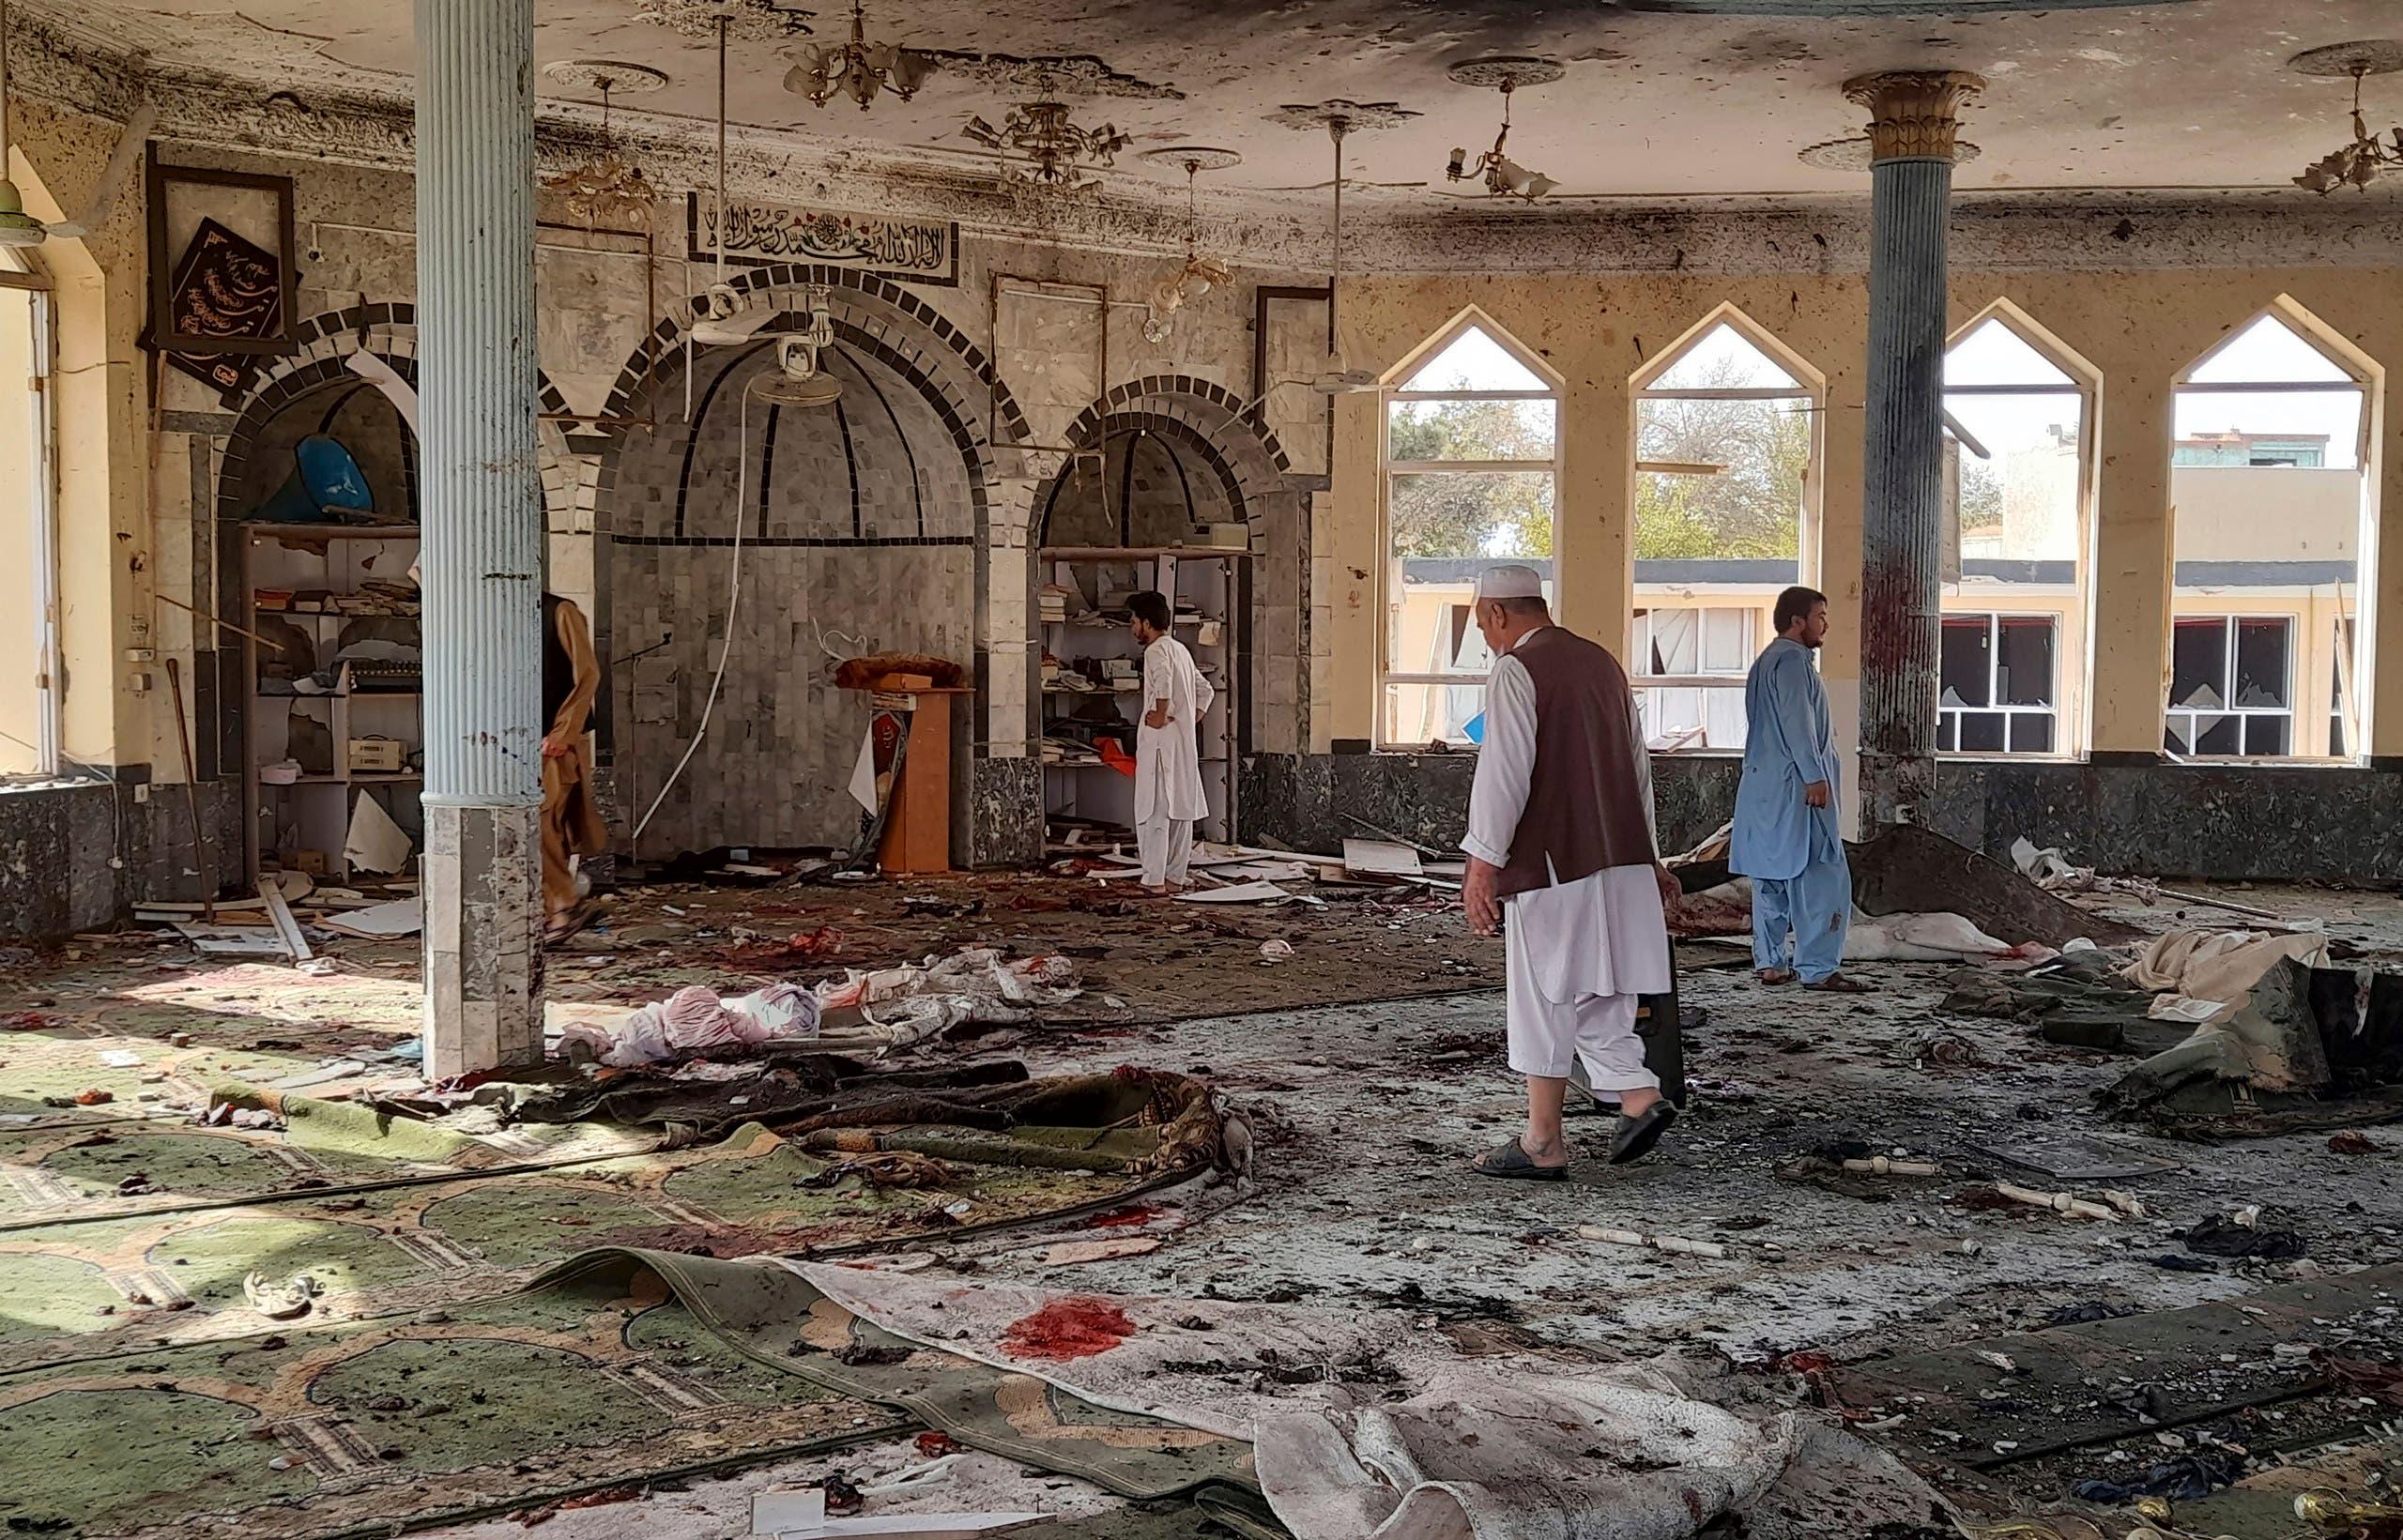 أضرار خلفها هجوم داعش أمس على مسجد في قندوز